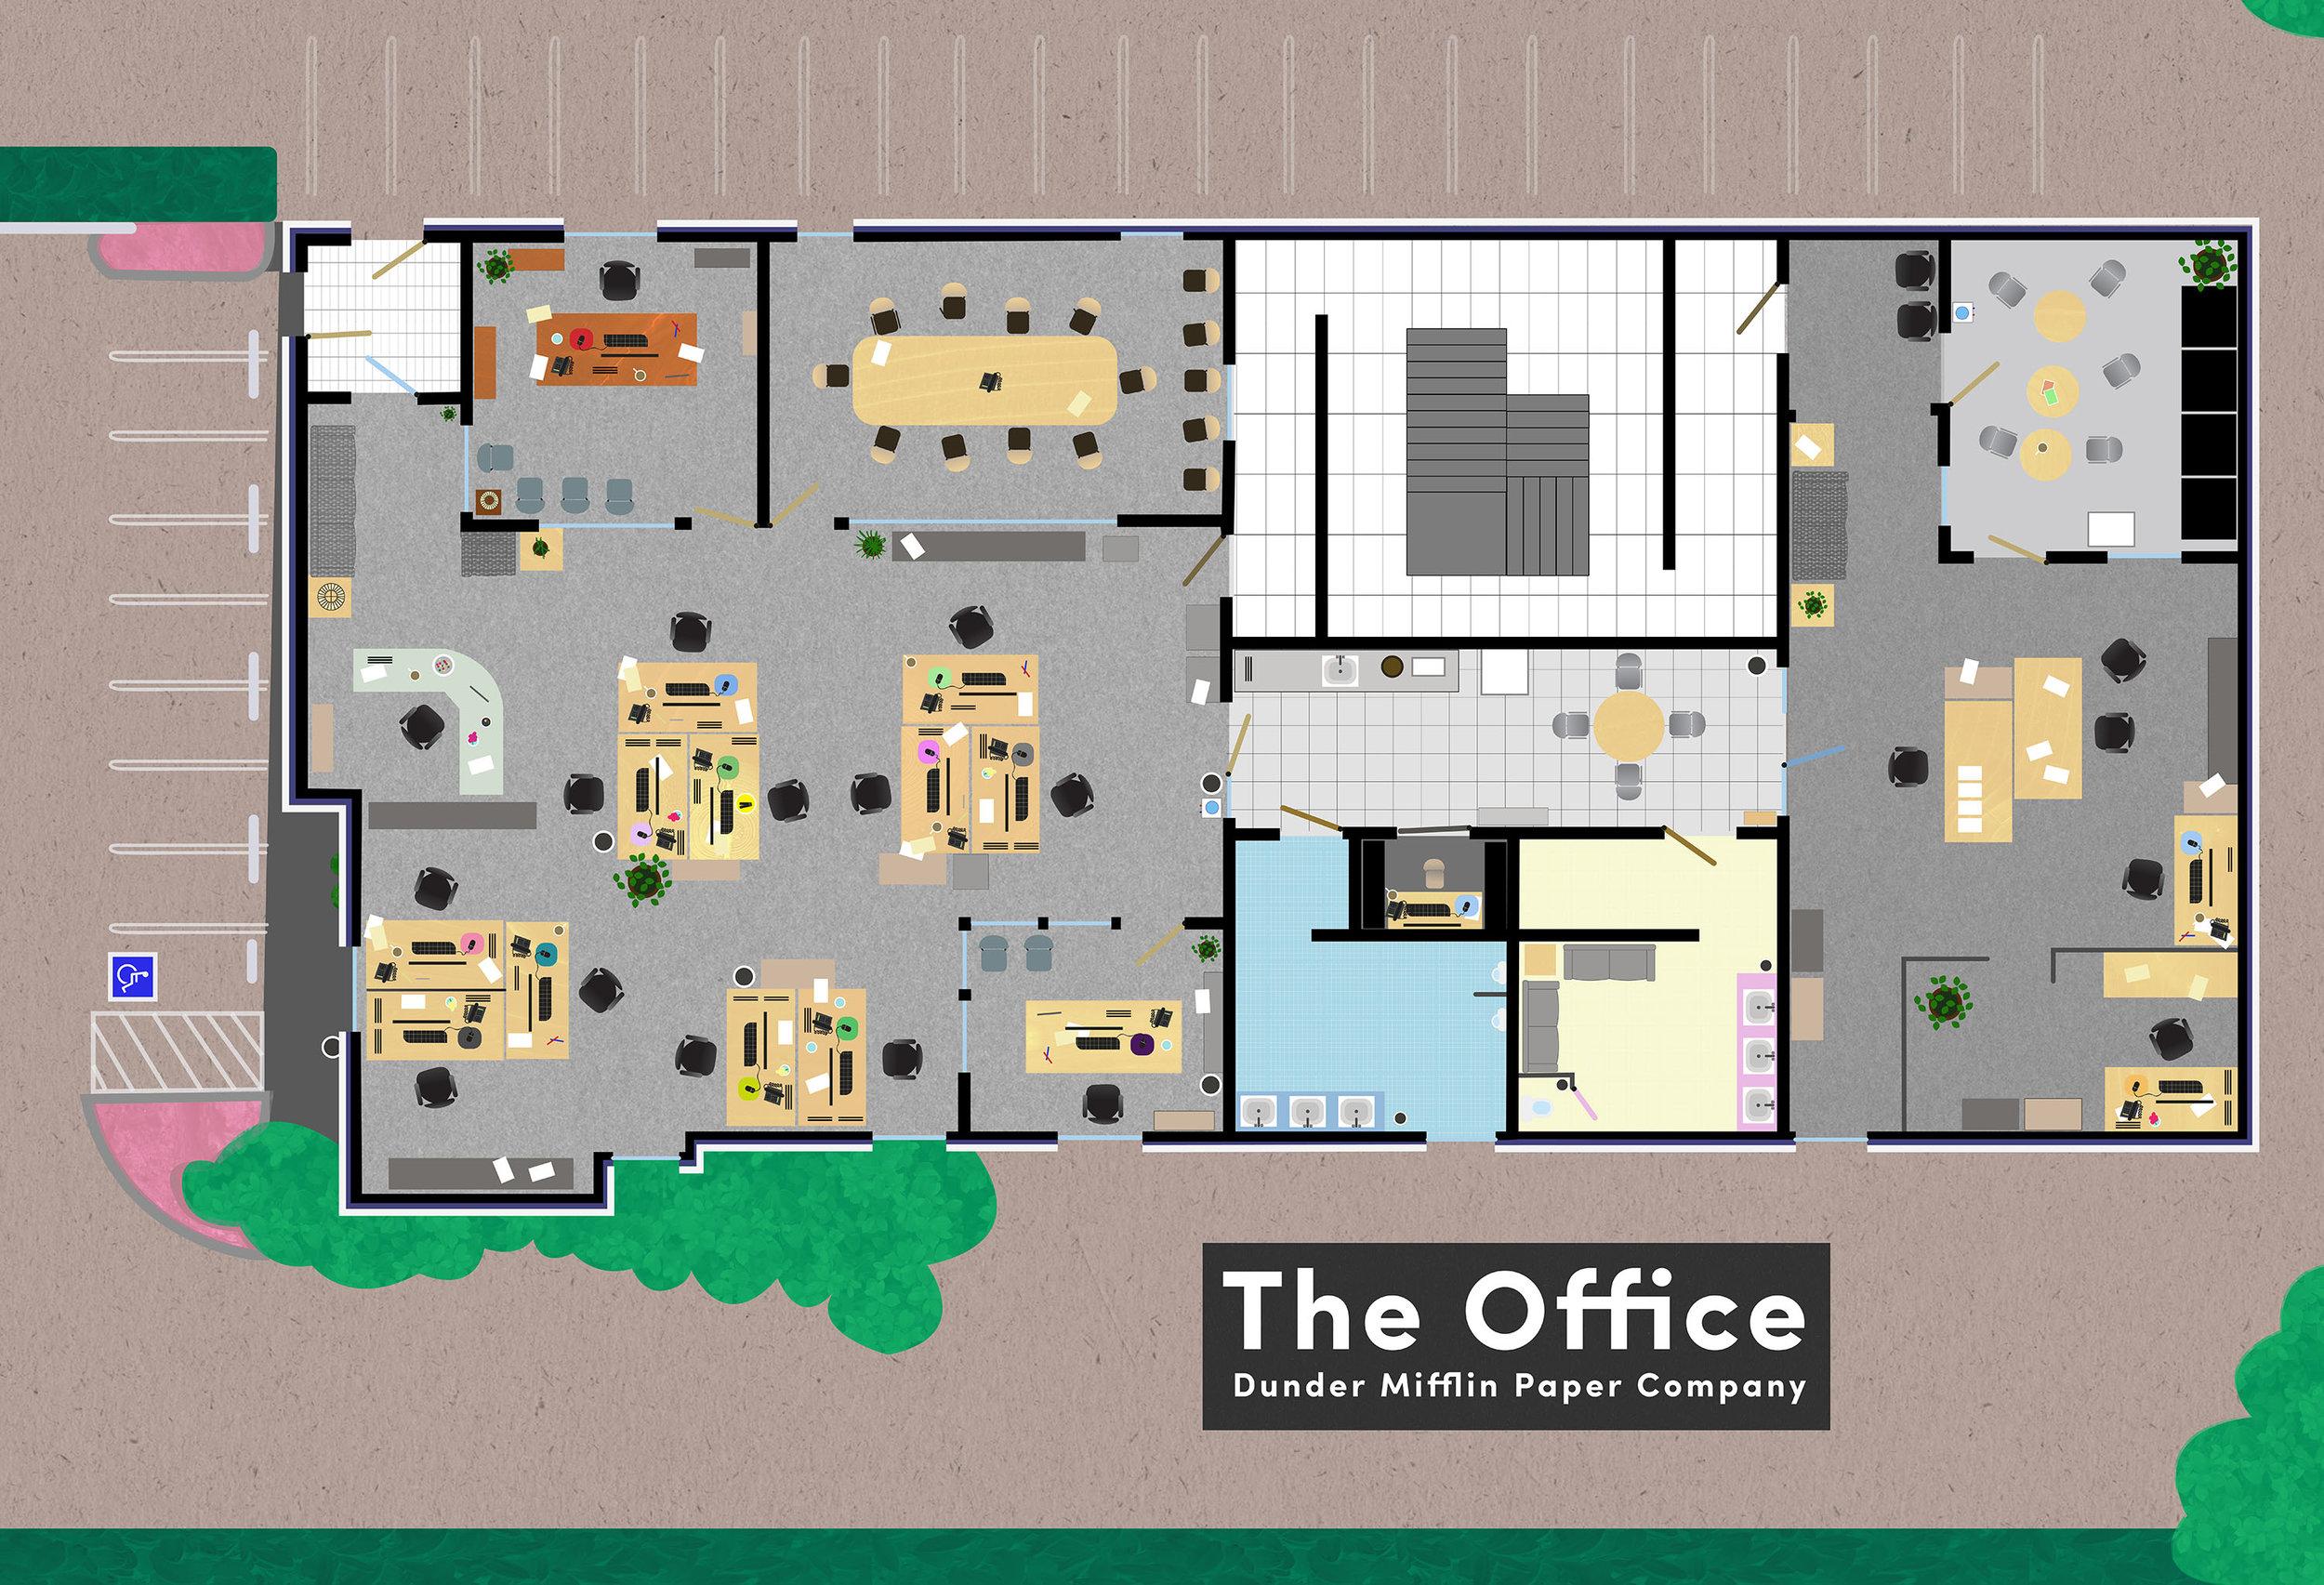 the_office_floorplan-01_S.jpg